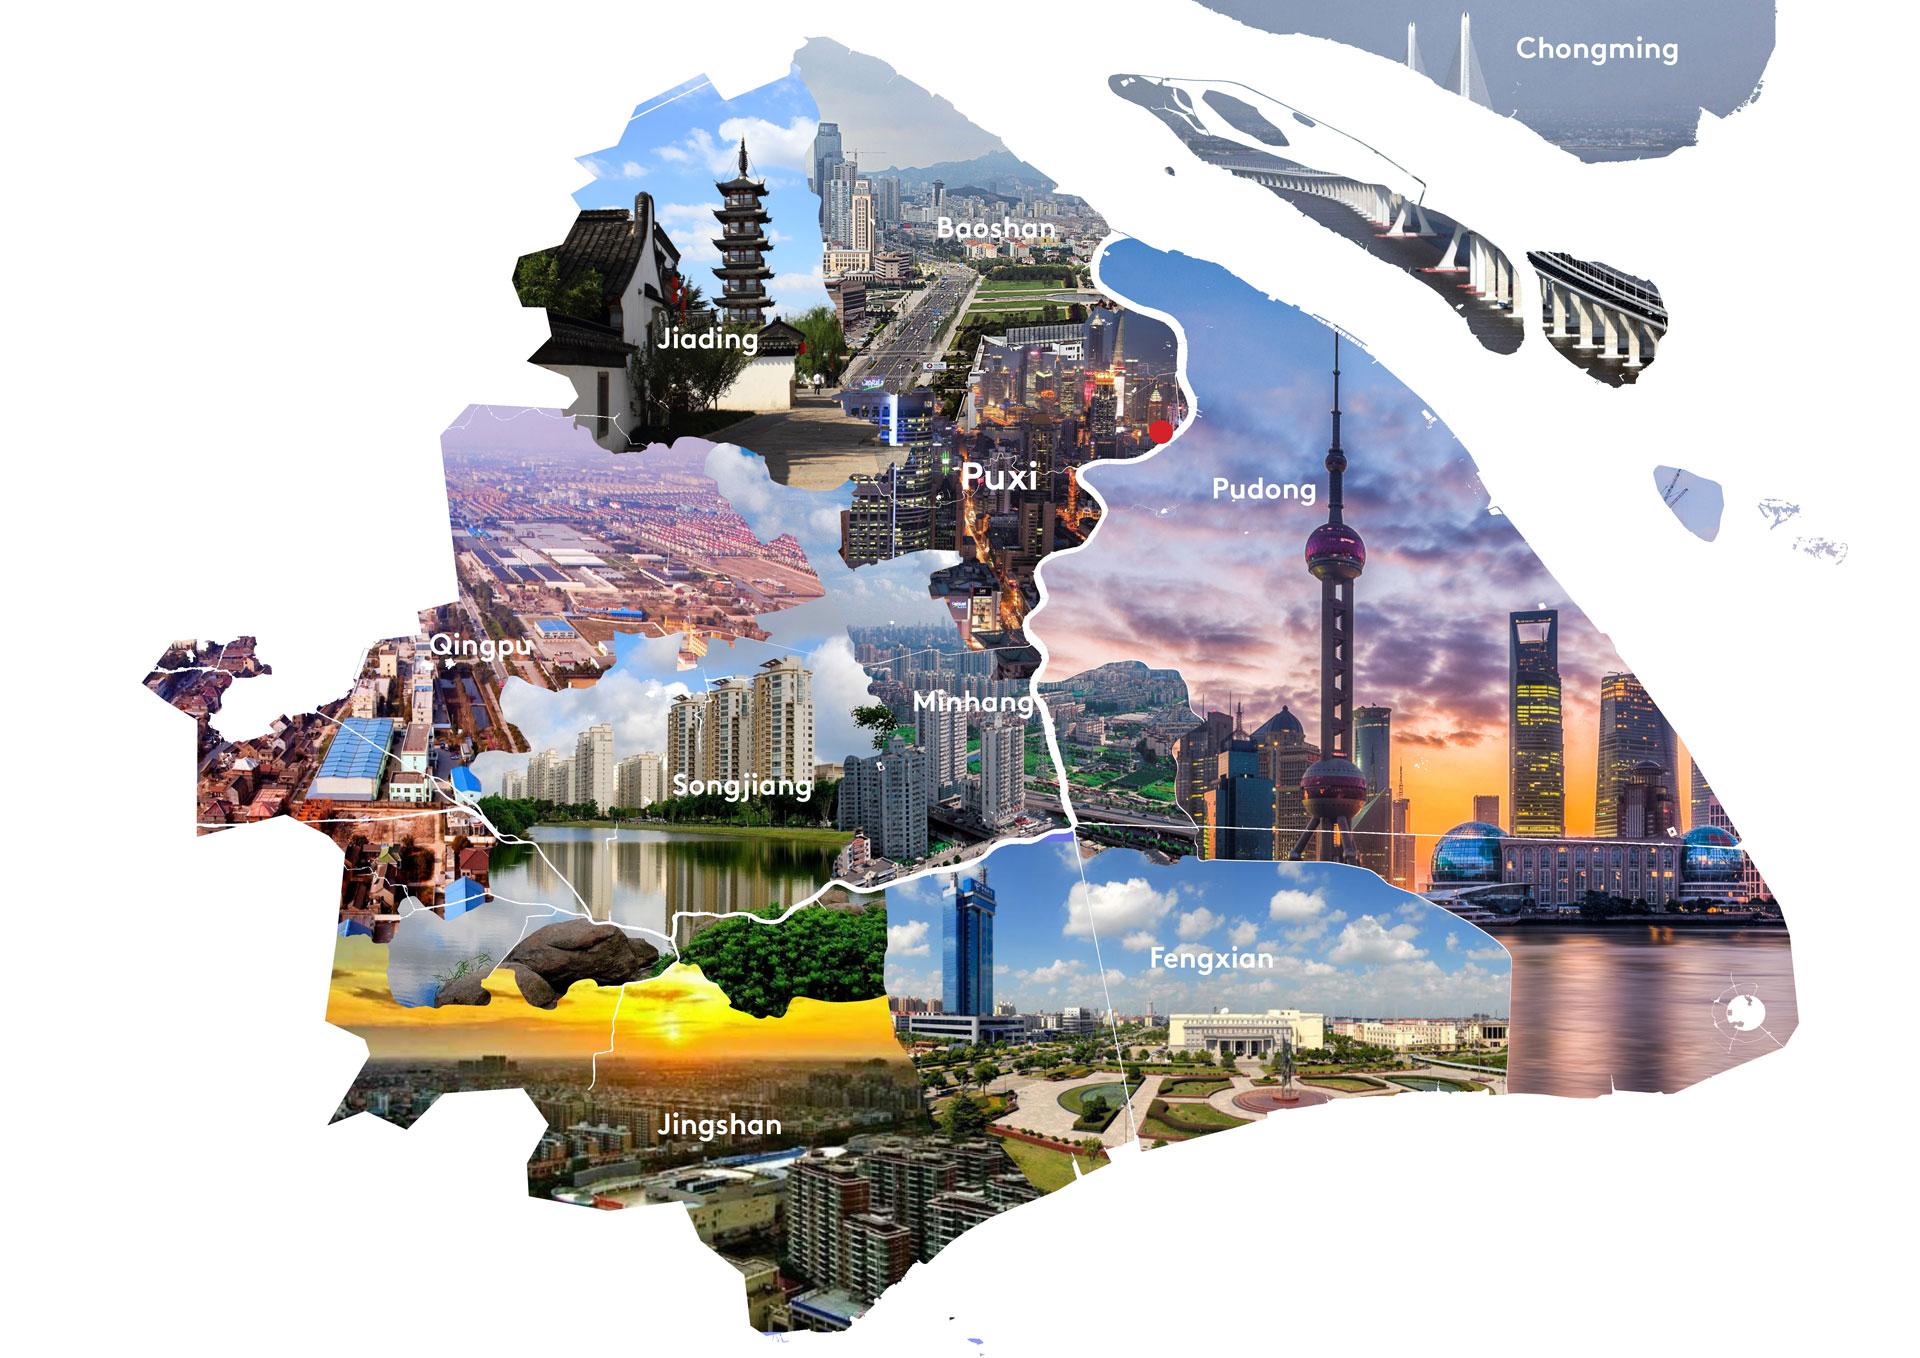 shanghai_scale1_a32a